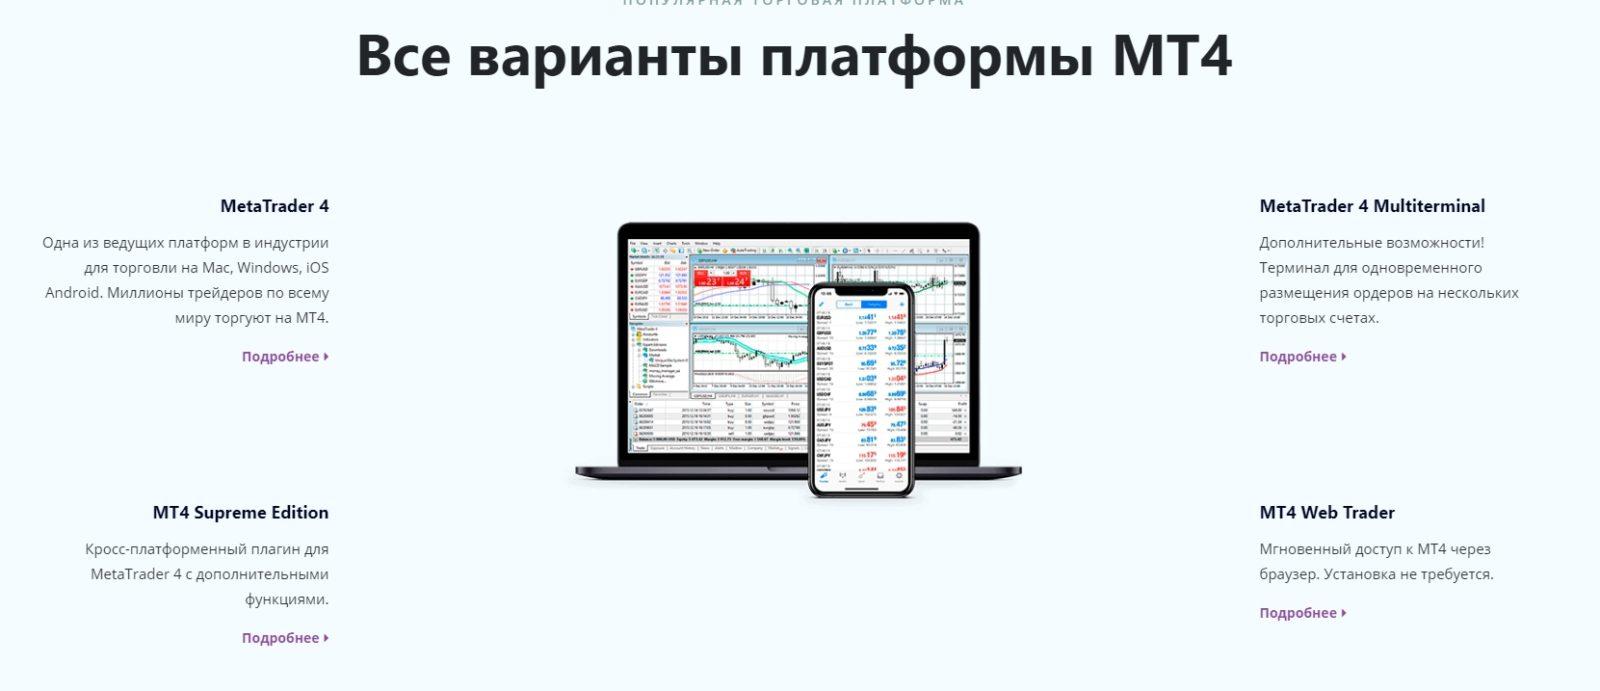 Варианты платформы МТ4 MTrading